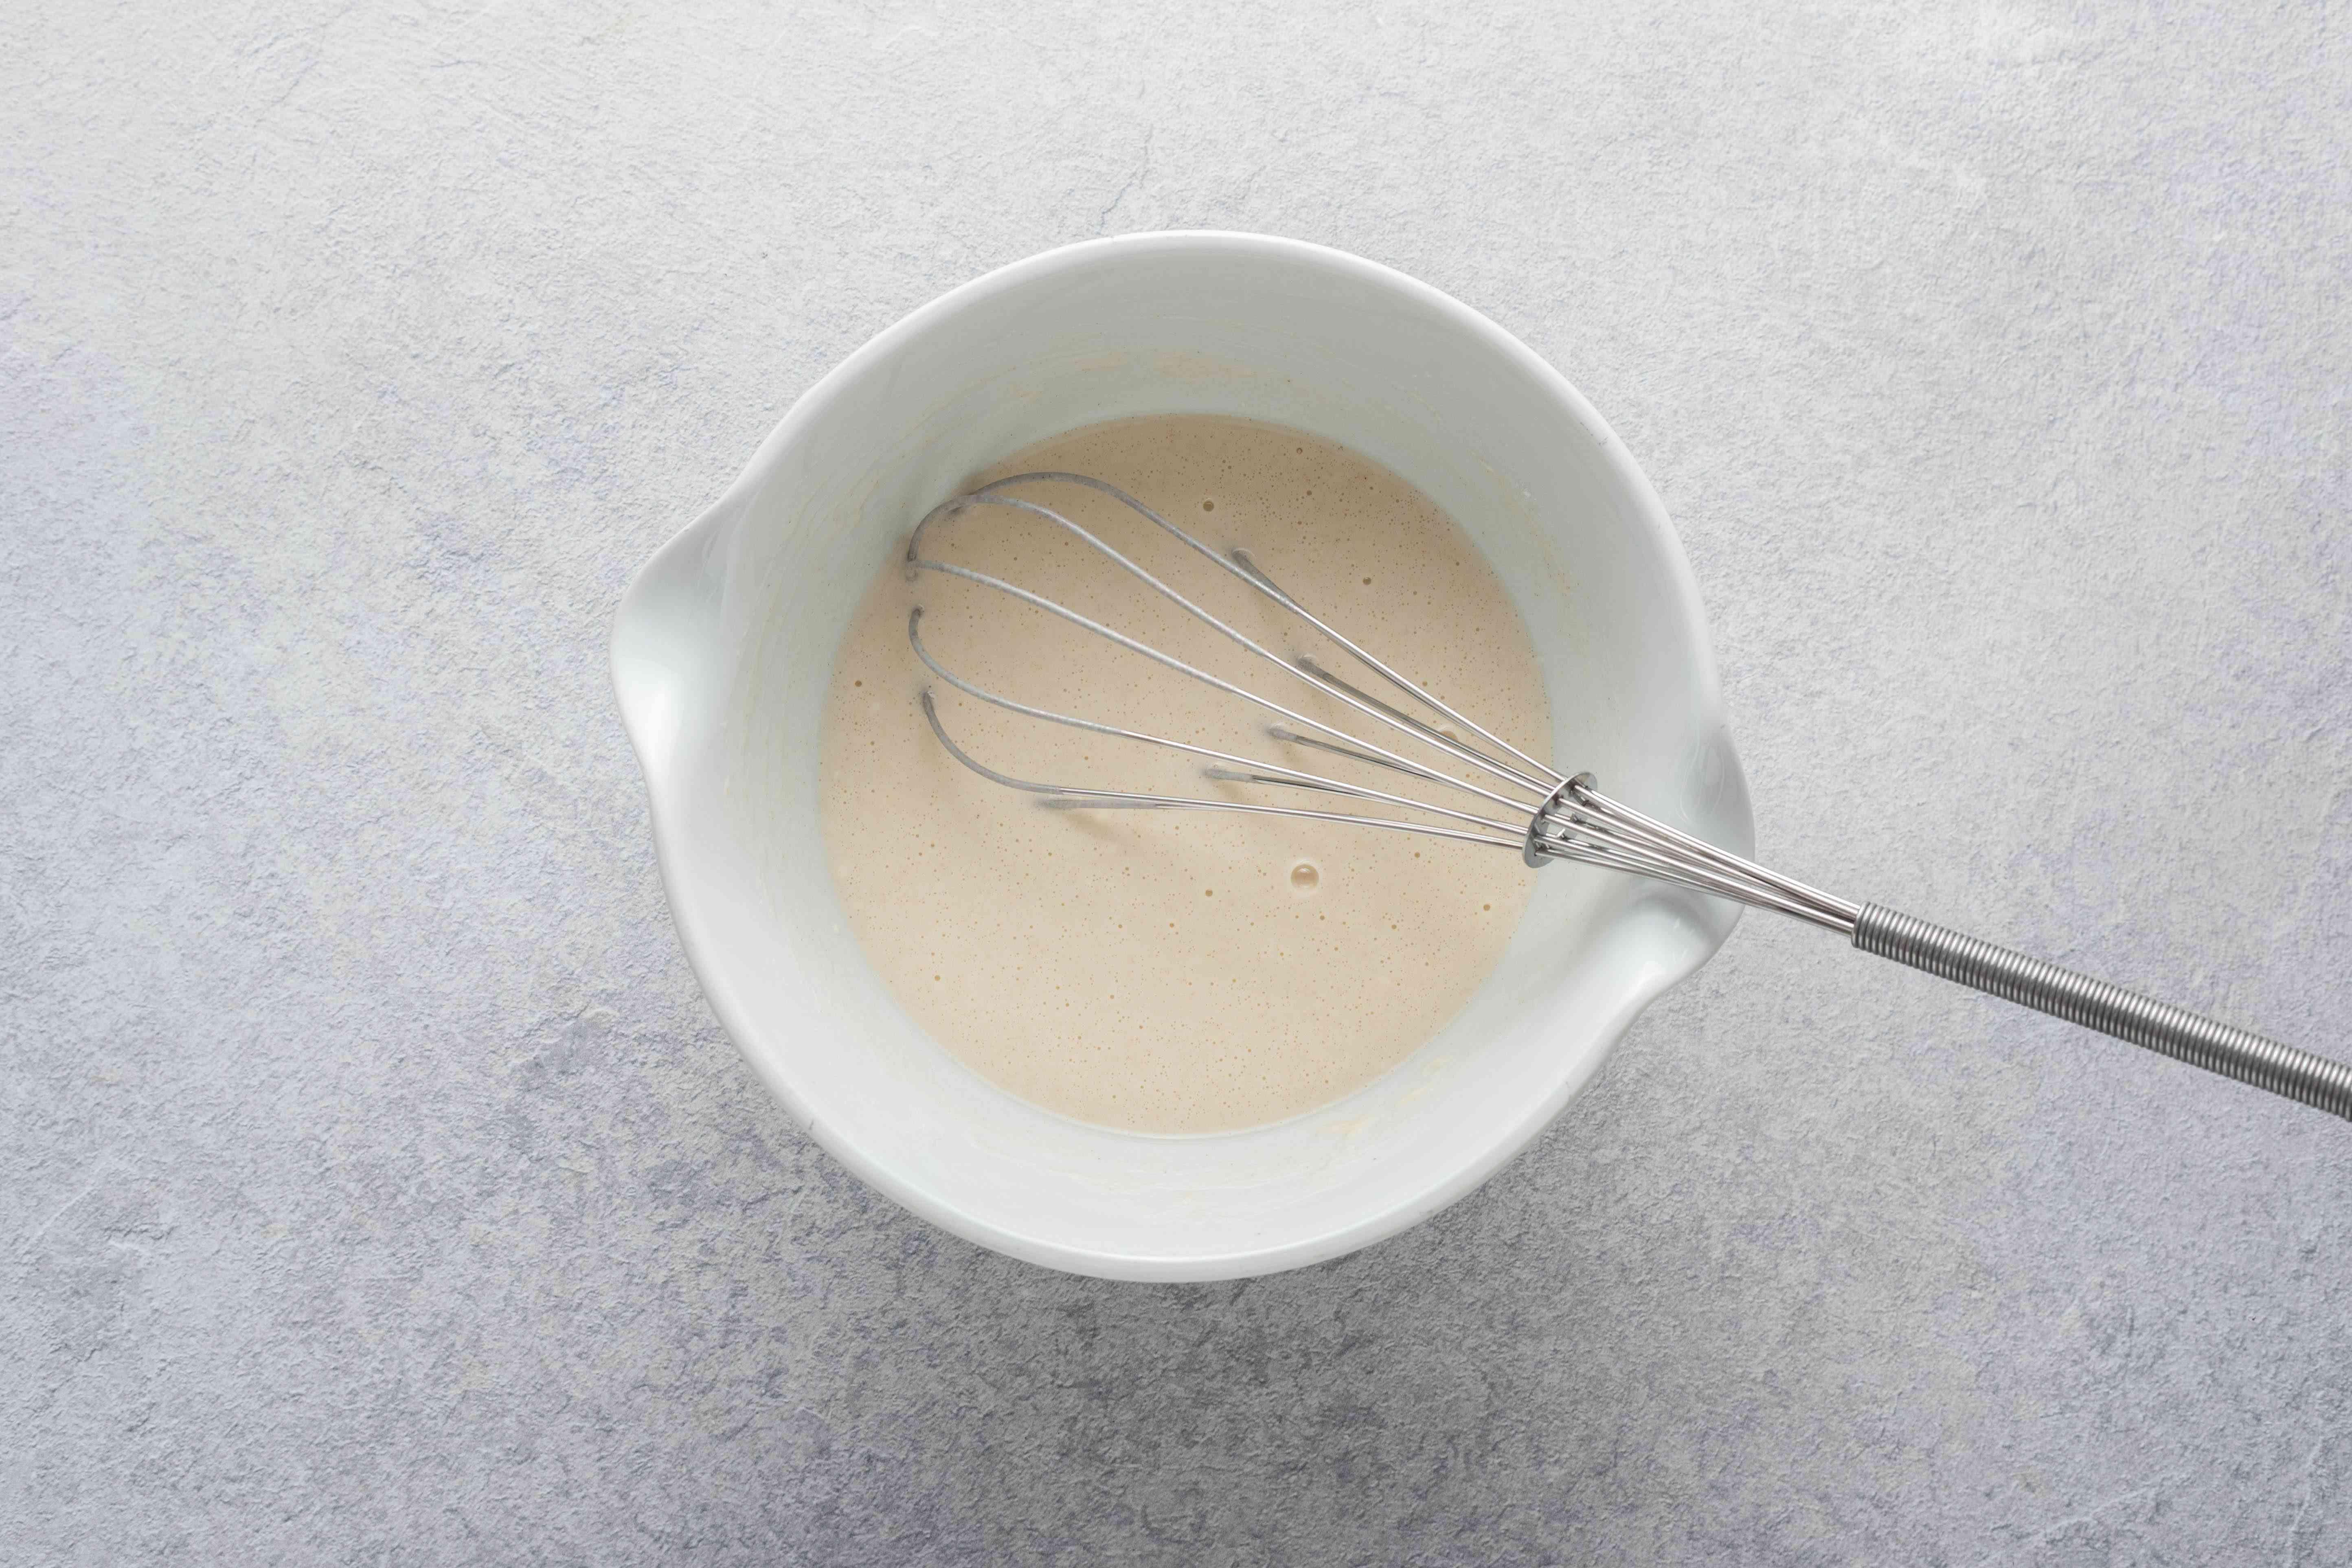 flour, vinegar, salt, and water in a medium bowl